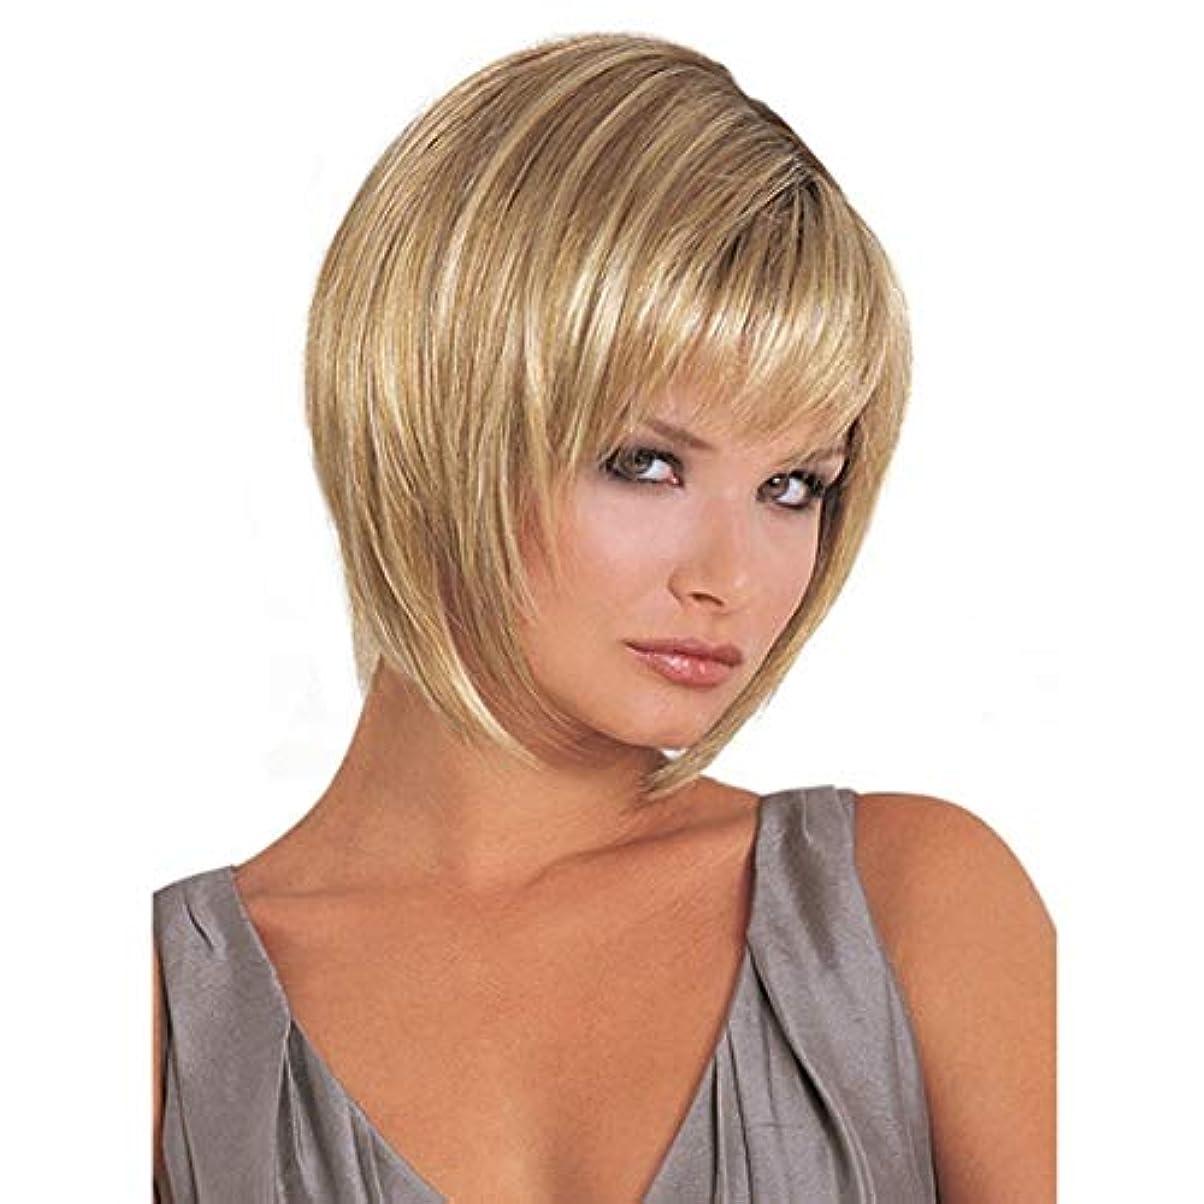 魔術歪める不機嫌そうなKoloeplf ふわふわのマイクロボリューム現実的なかつら女性のための短いカーリーナチュラルカラーゴールドかつら白髪用かつら20cm / 25cm